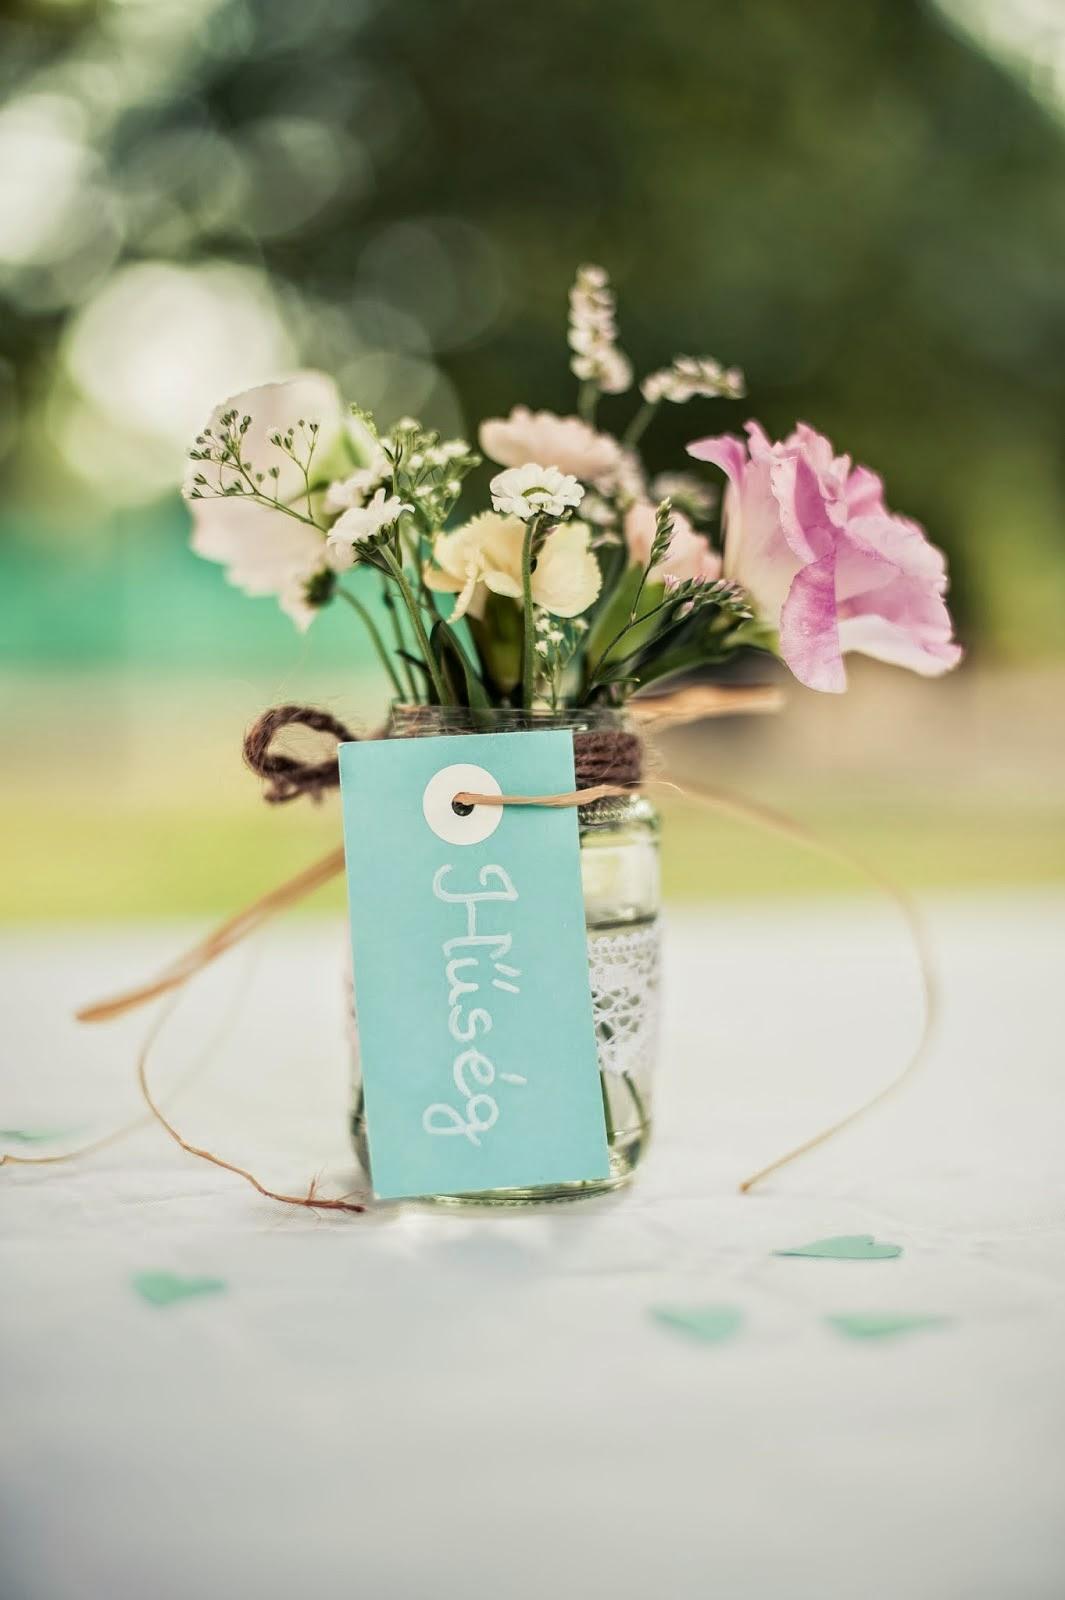 CsiriBiri Esküvő  -  Látogasd meg esküvői dekorációs blogomat is! ;)